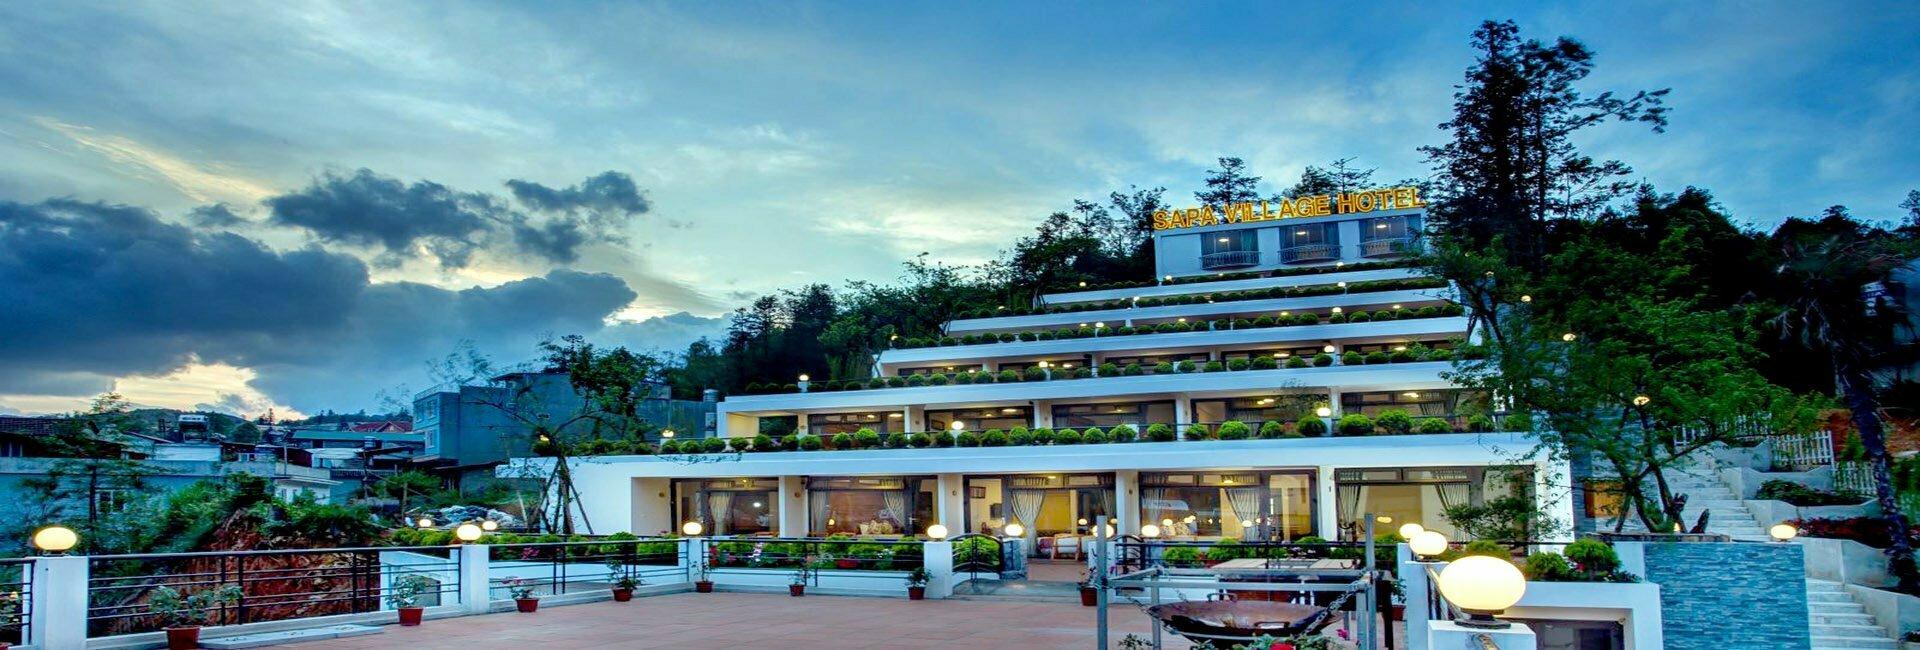 Sapa Village Hotel Outside